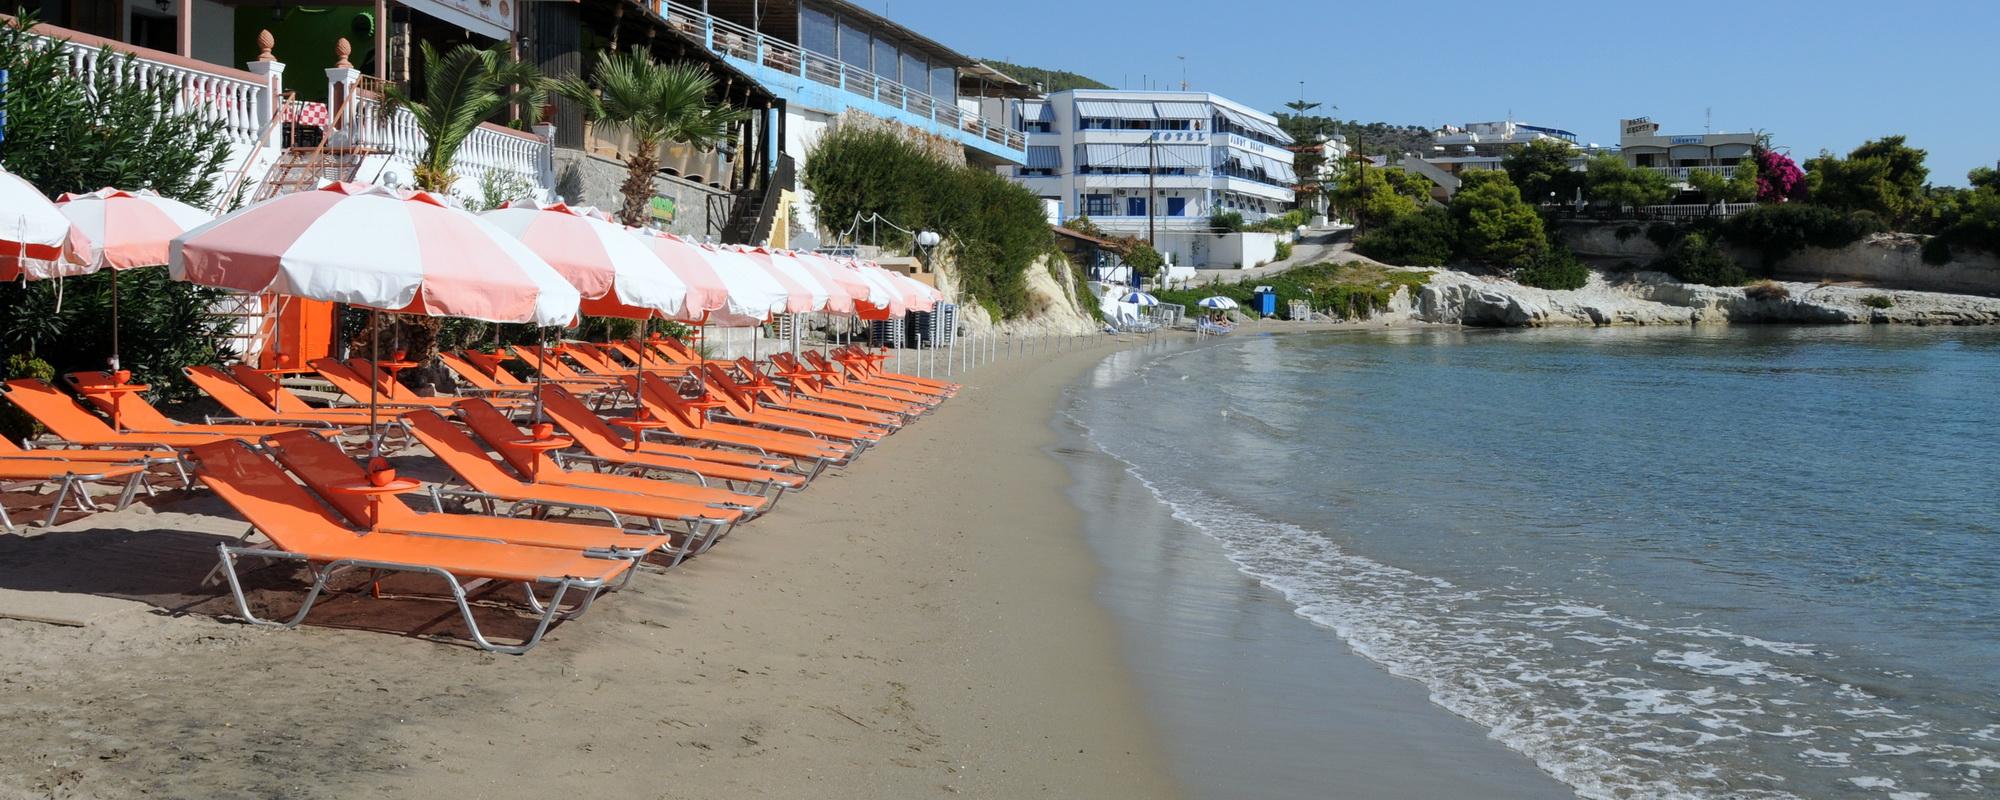 Αγία Μαρίνα - Πληροφορίες - Aegina Today